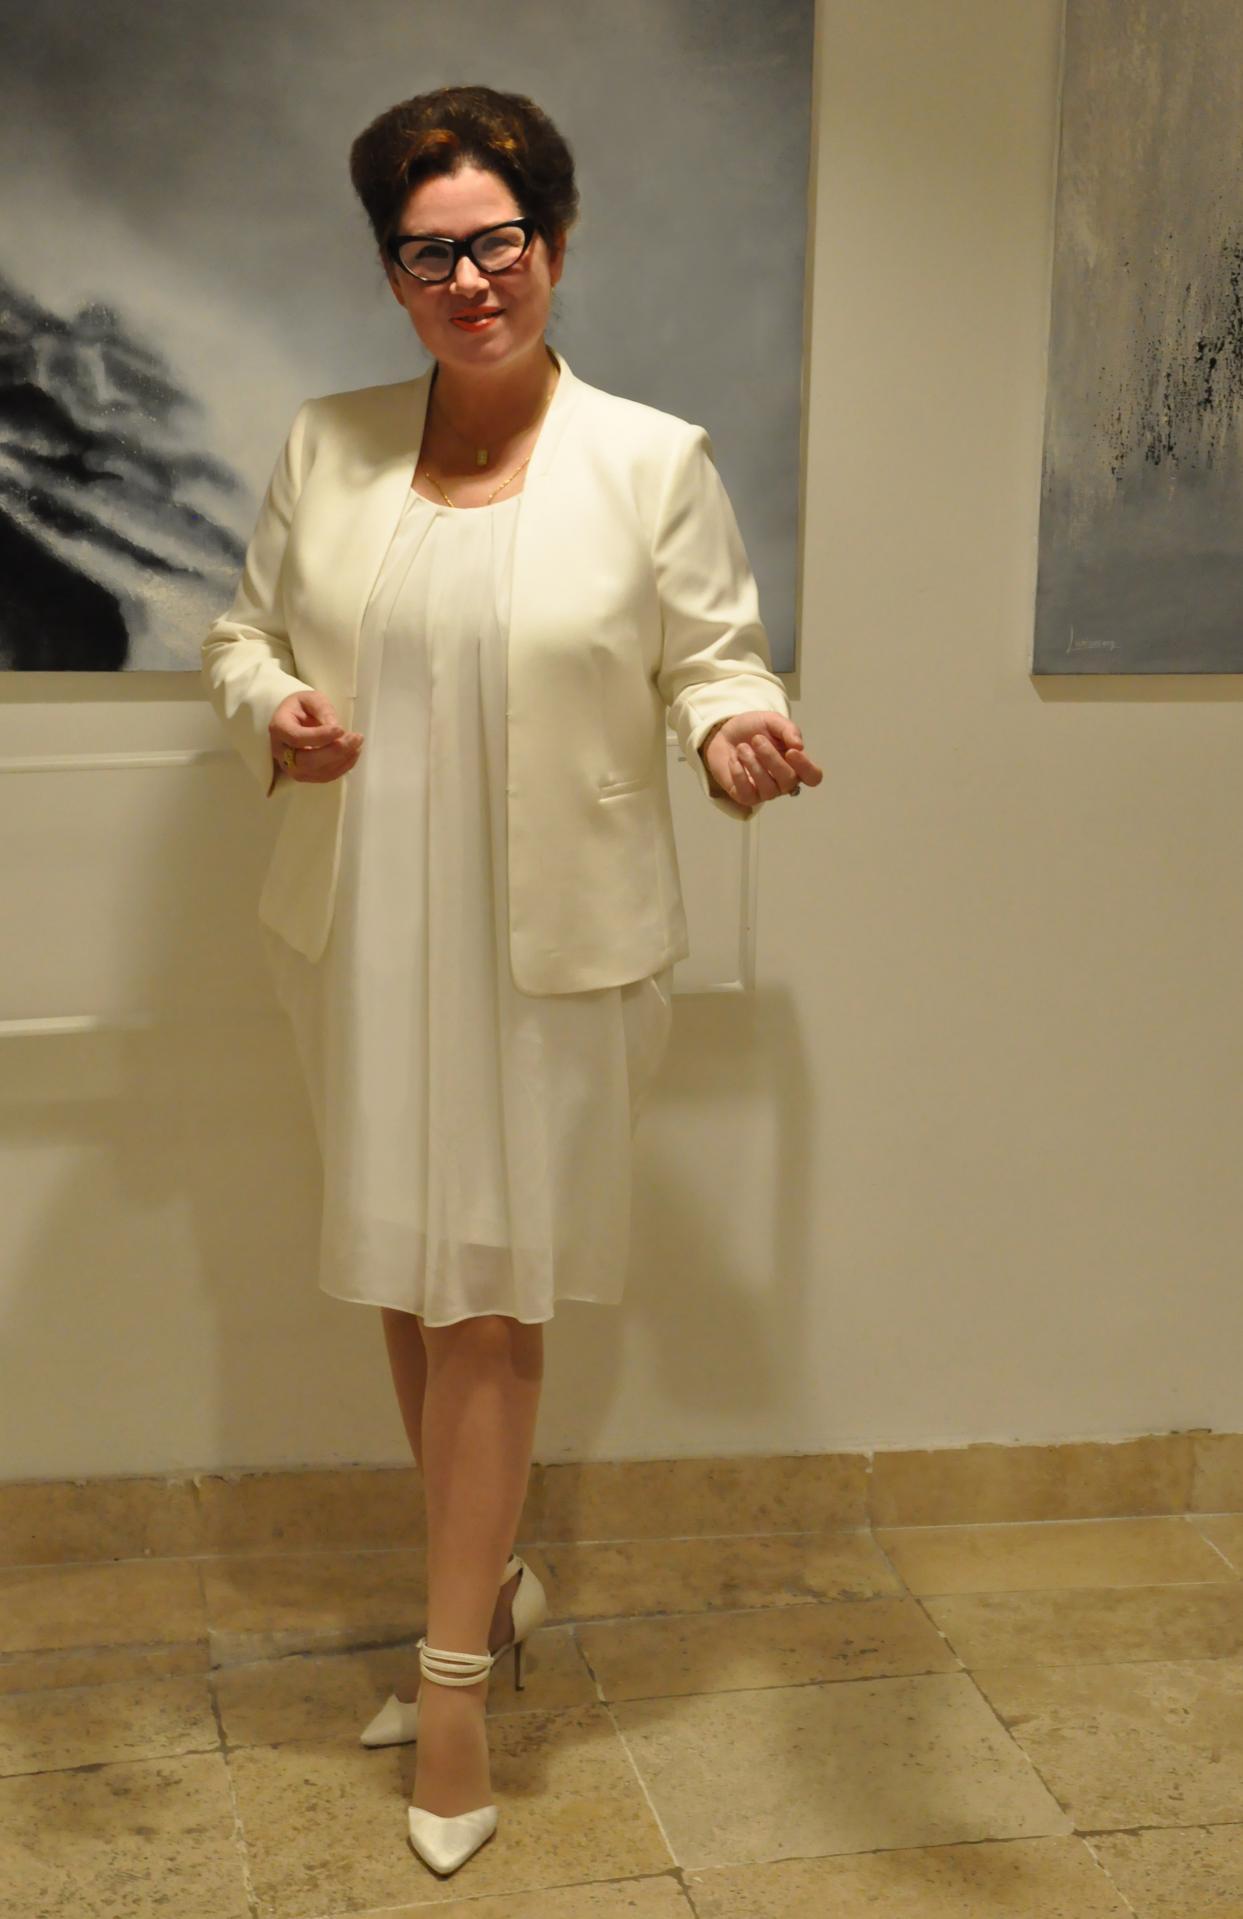 01 exposition d art l artiste peintre verena von lichtenberg de paris en muse e et galerie d art ses oeuvres au louvre copie